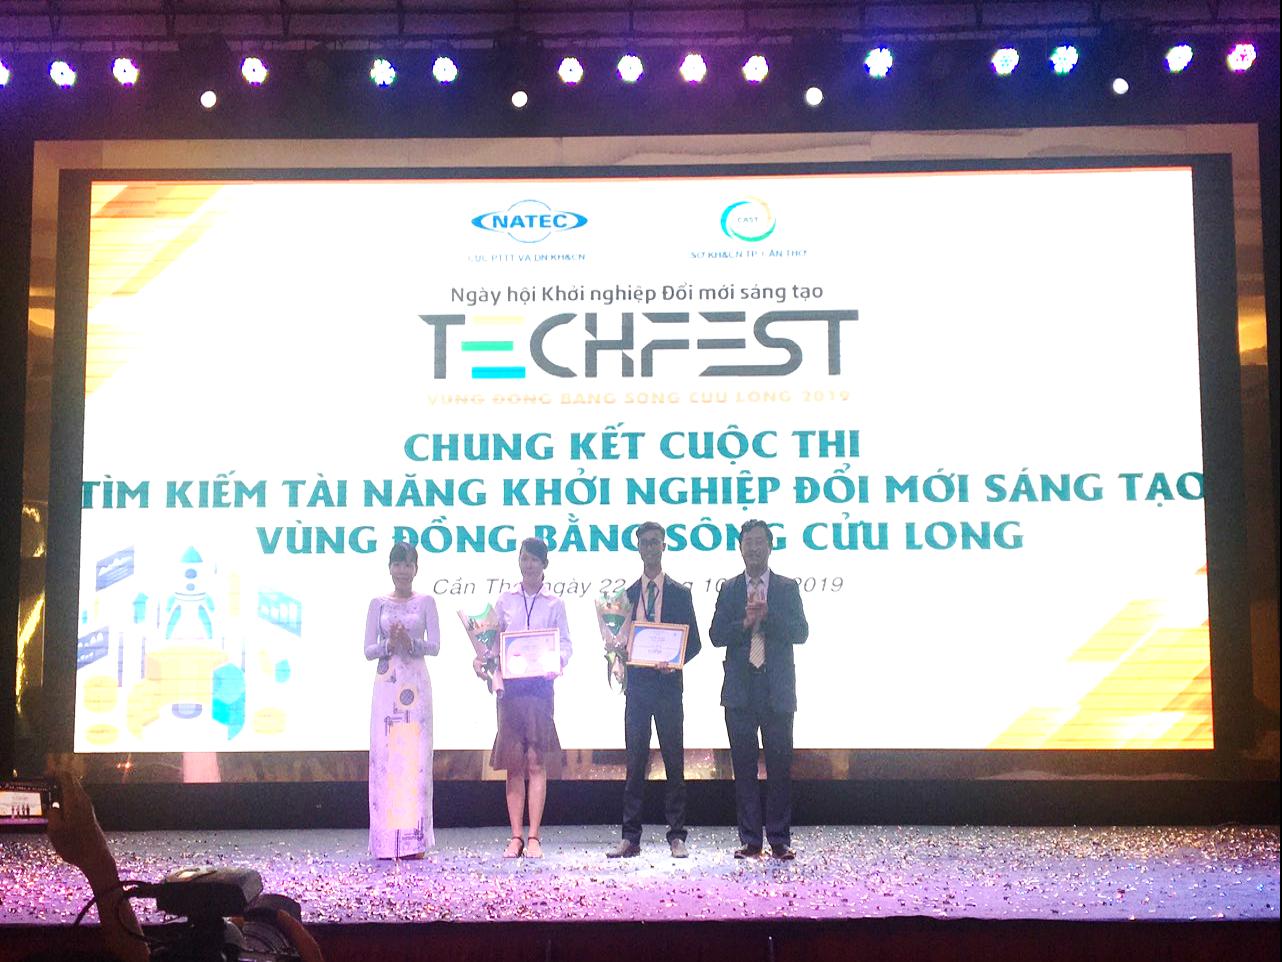 5 dự án sản xuất, chế biến nông - ngư nghiệp chiến thắng tại Techfest Mekong 2019